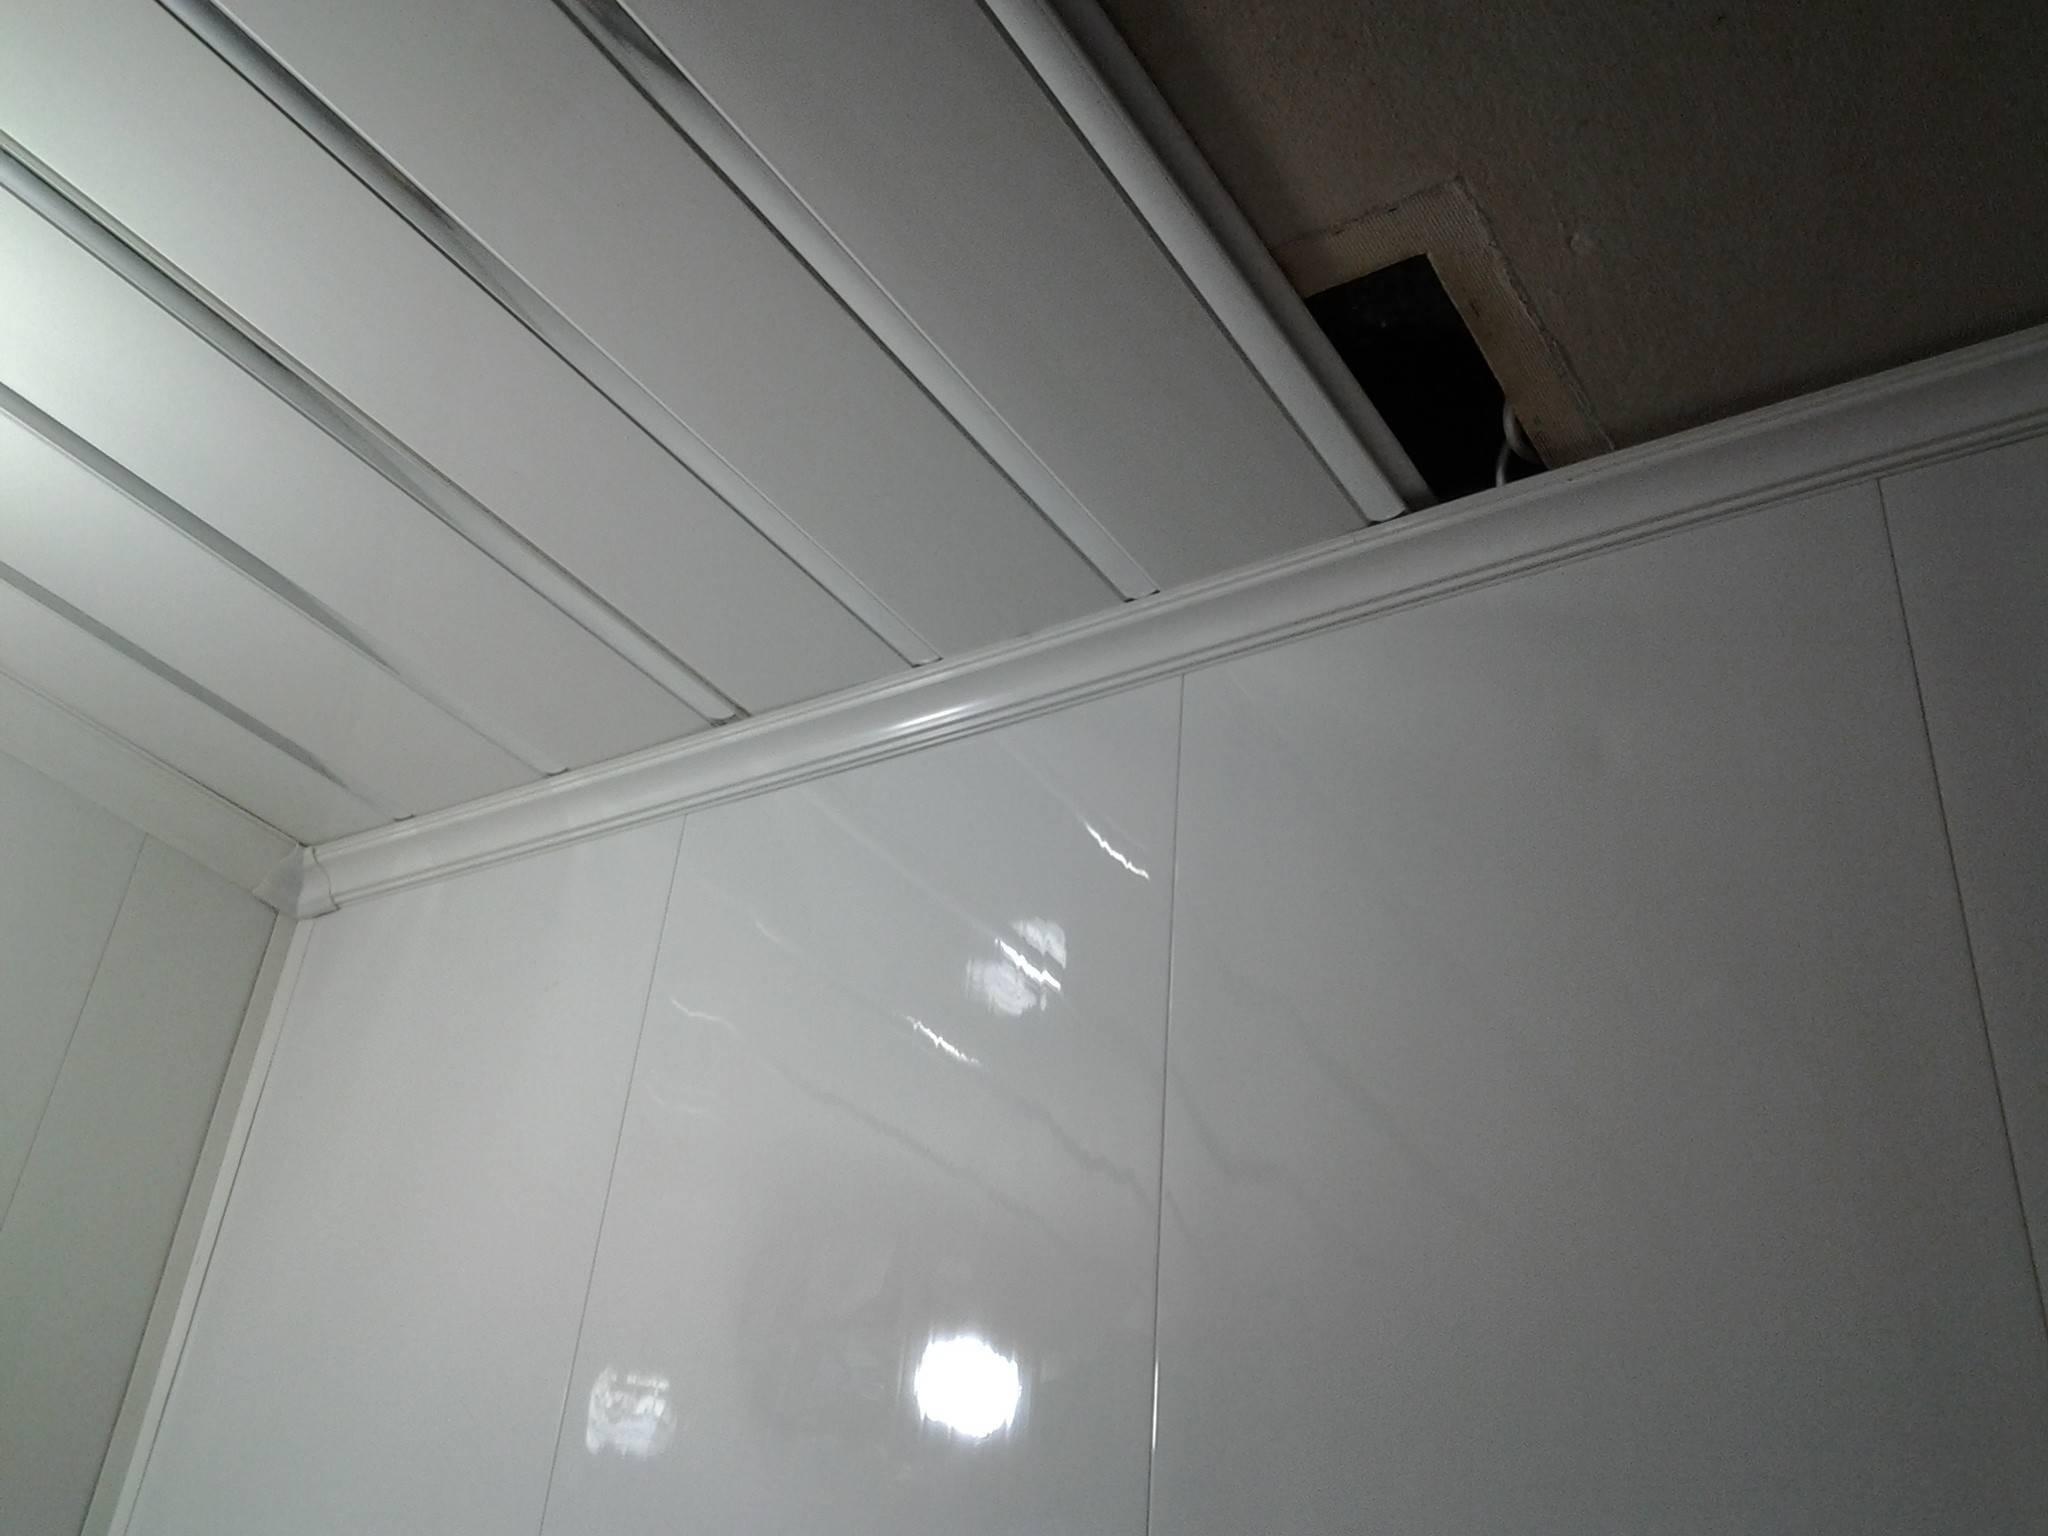 Монтаж реечного потолка в ванной комнате своими руками: инструкция + видео